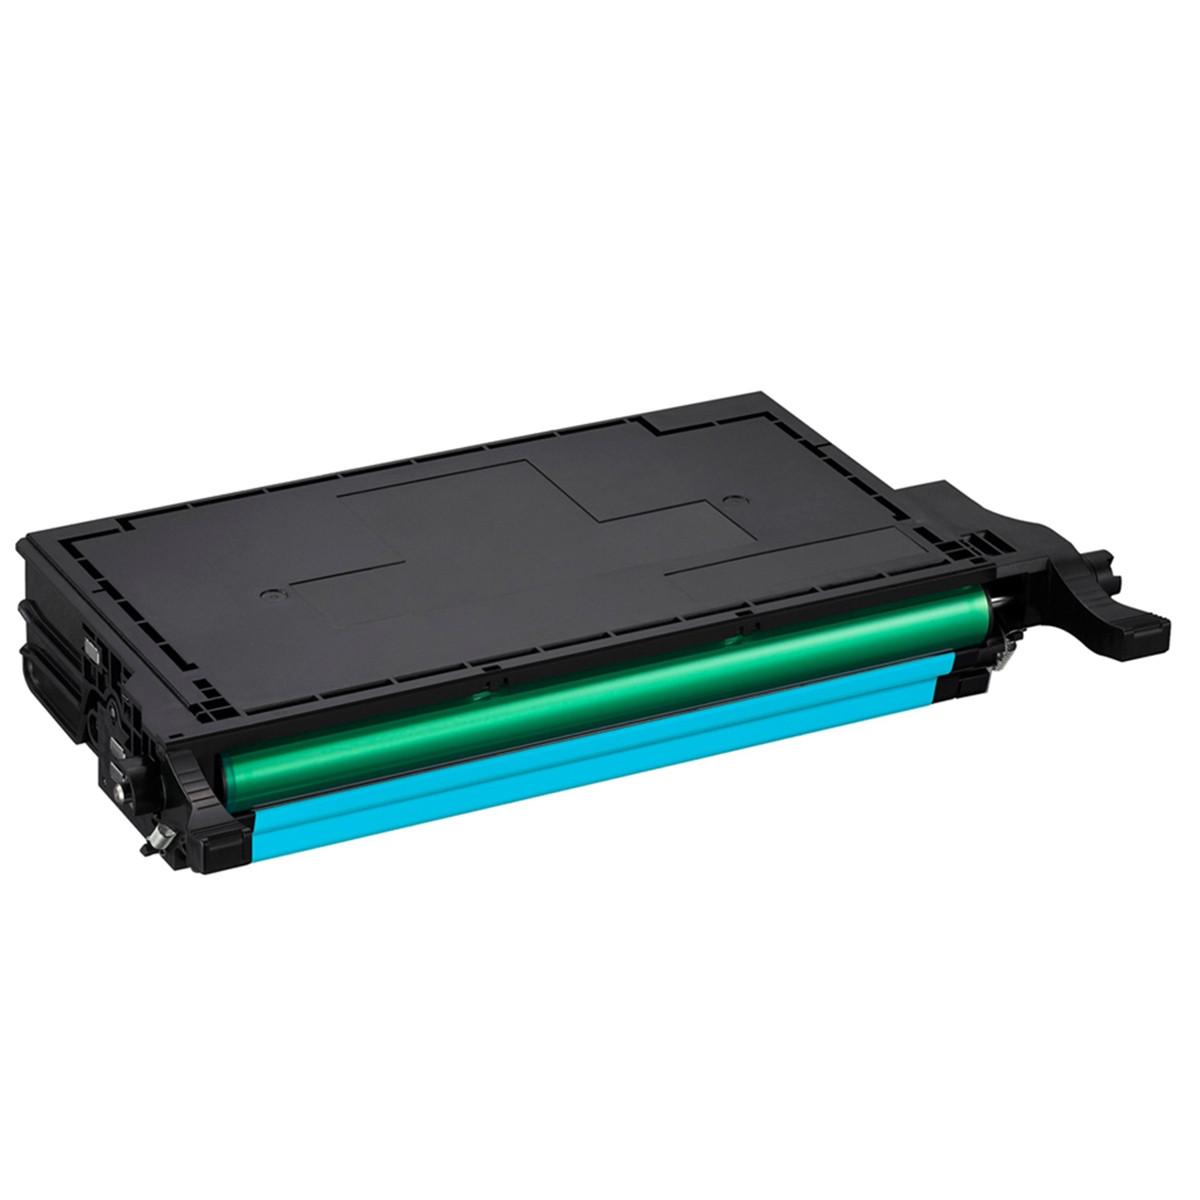 Toner Compatível com Samsung 609S CLT-M609S Magenta | CLP770 CLP775 CLP770ND CLP775ND | Importado 7k